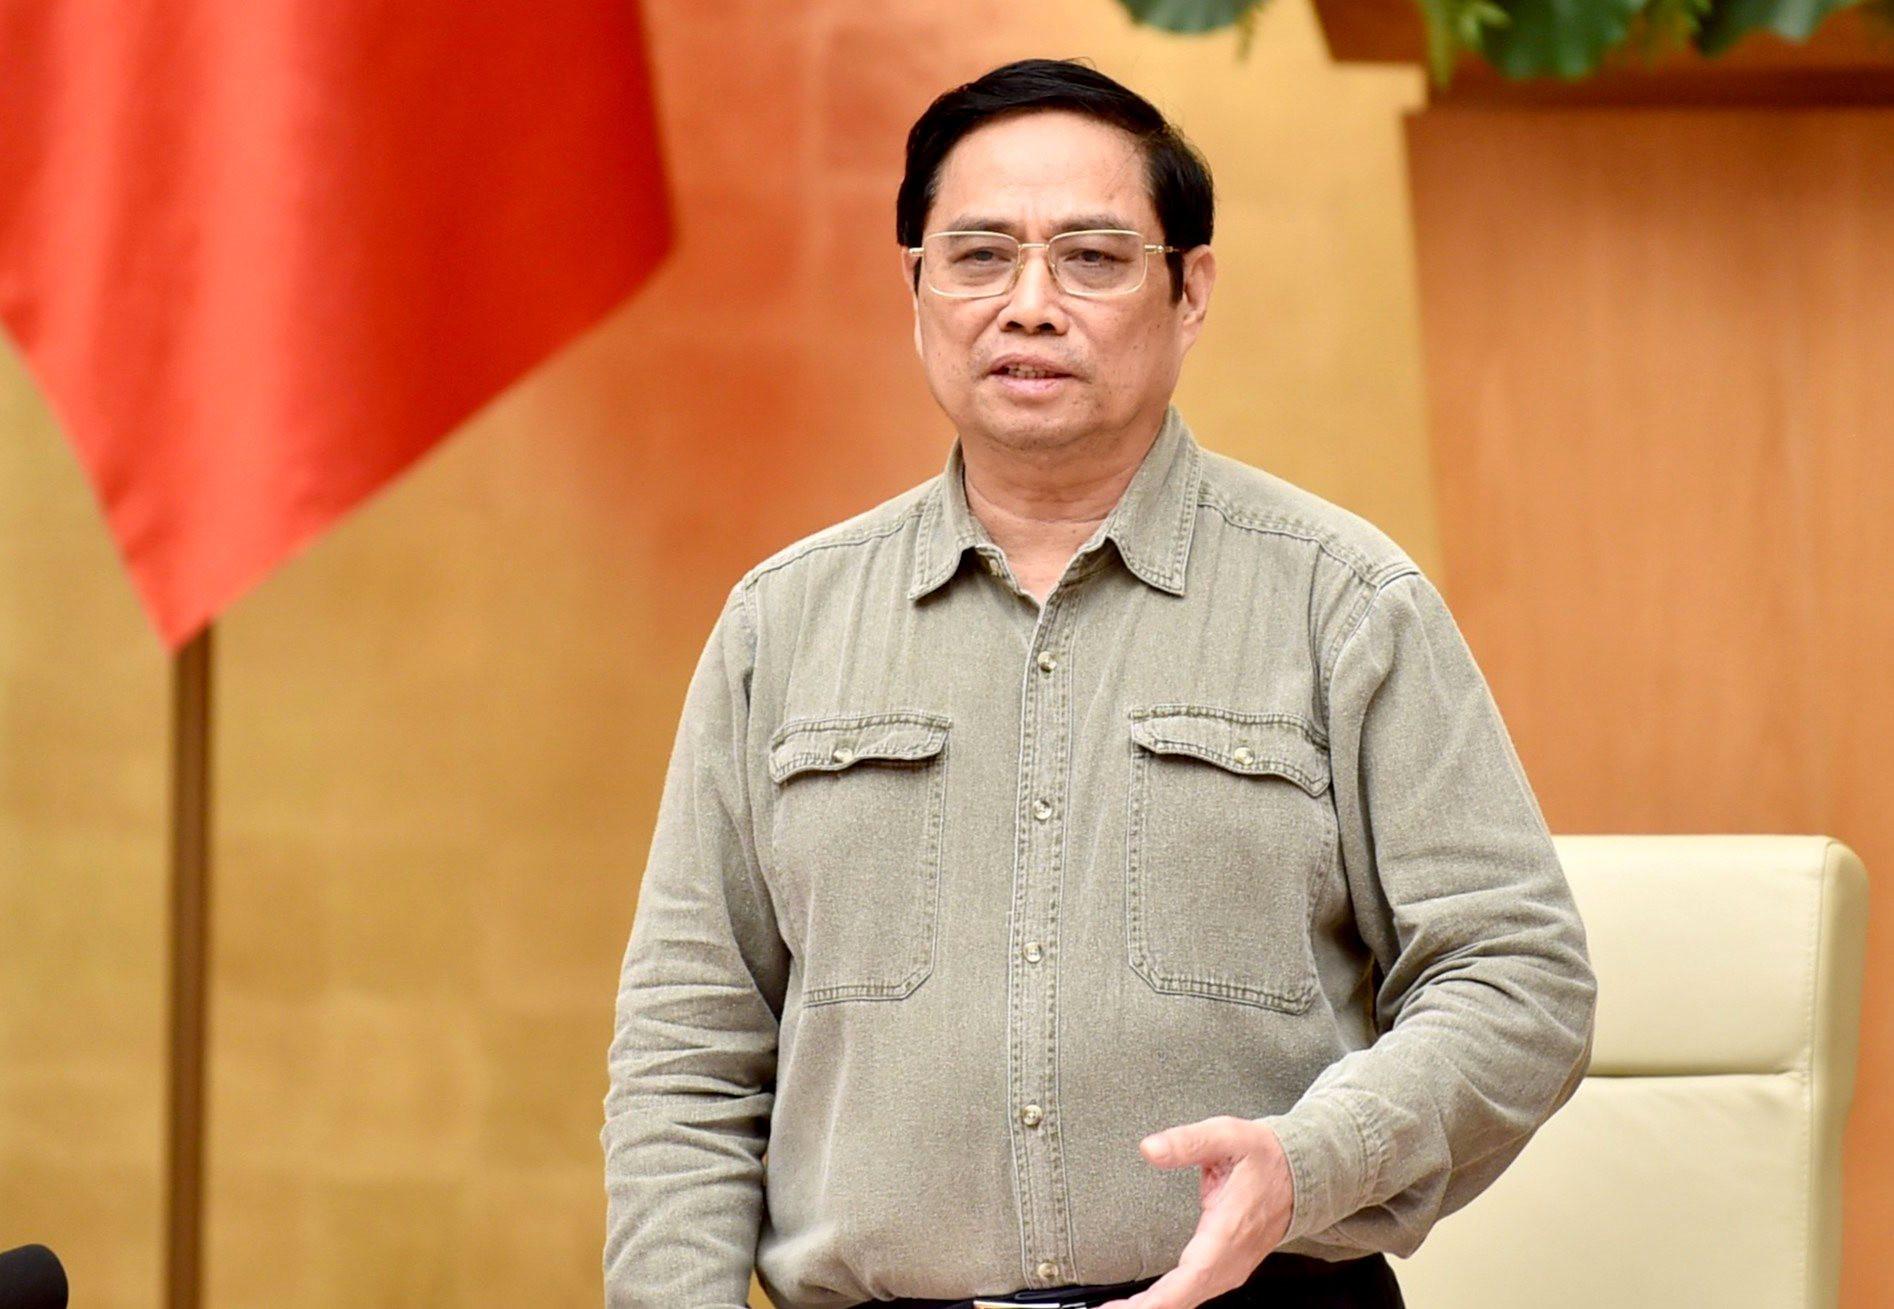 lu-thong-giao-thong-van-tai-thong-nhat-toan-quoc-khong-cat-cu-chia-cat.jpg